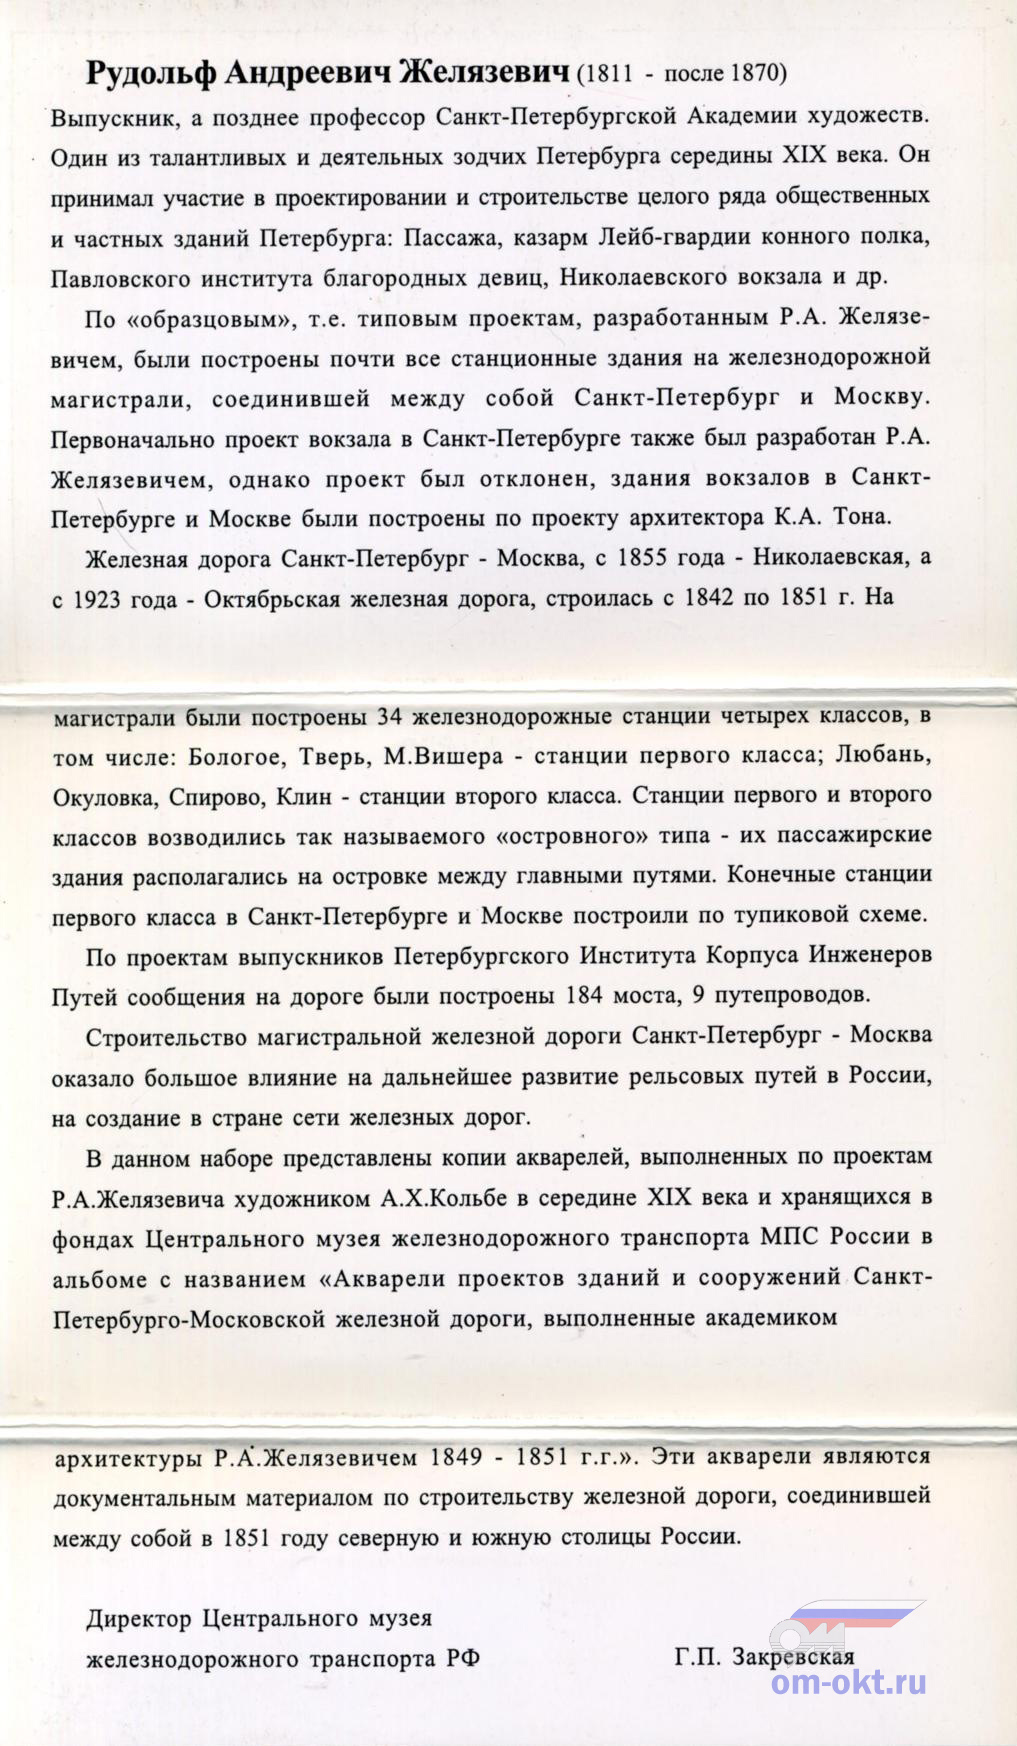 Рудольф Андреевич Желязевич